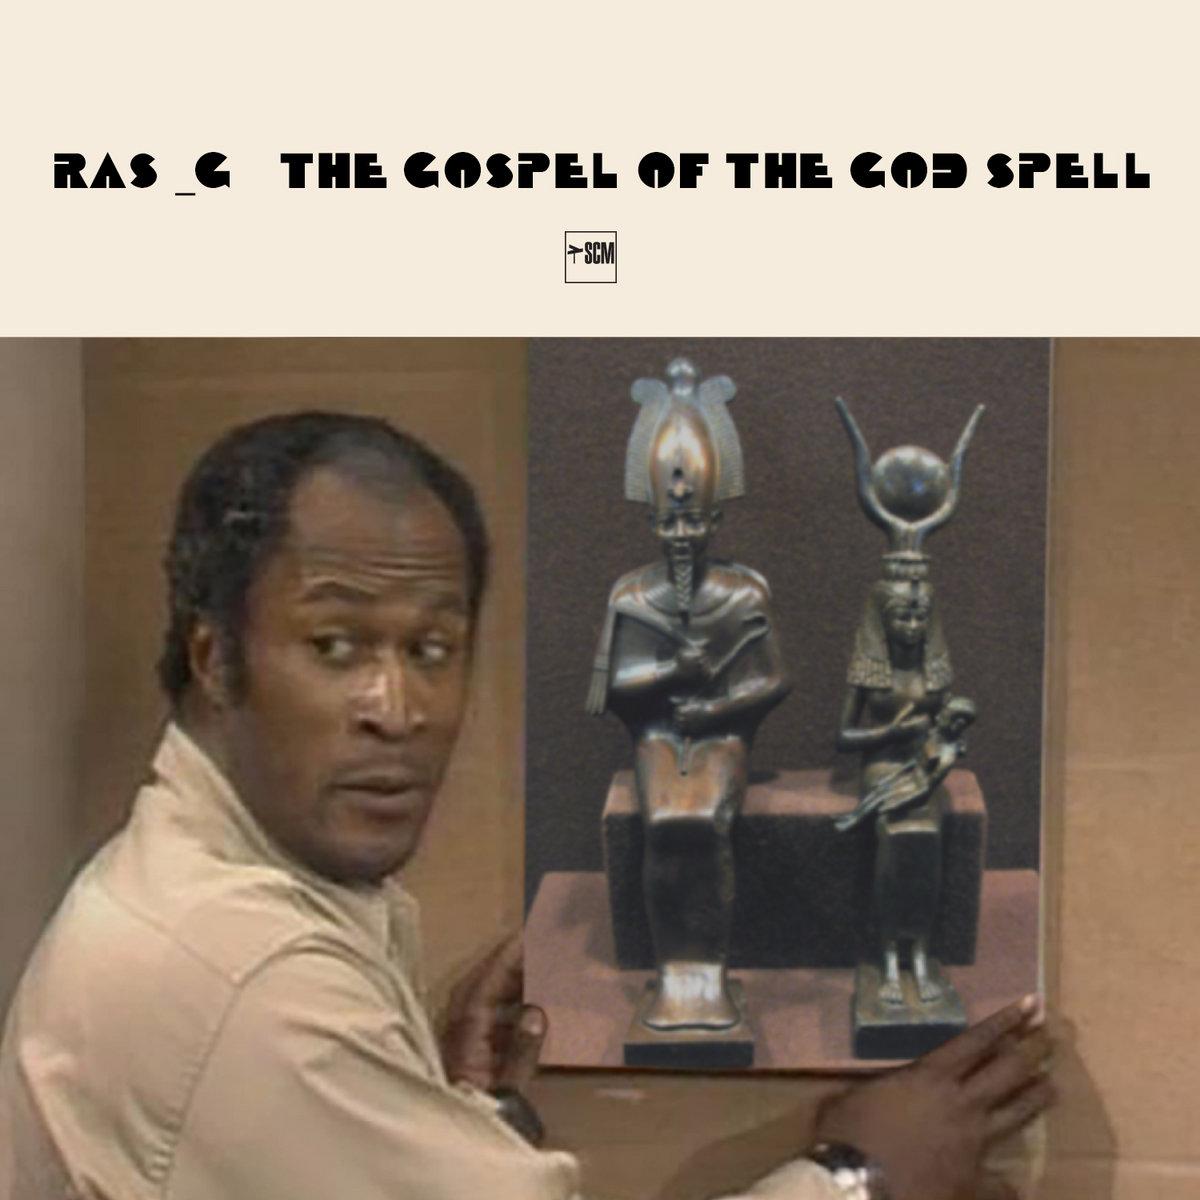 The Gospel Of The God Spell | Ras_G & The Afrikan Space Program